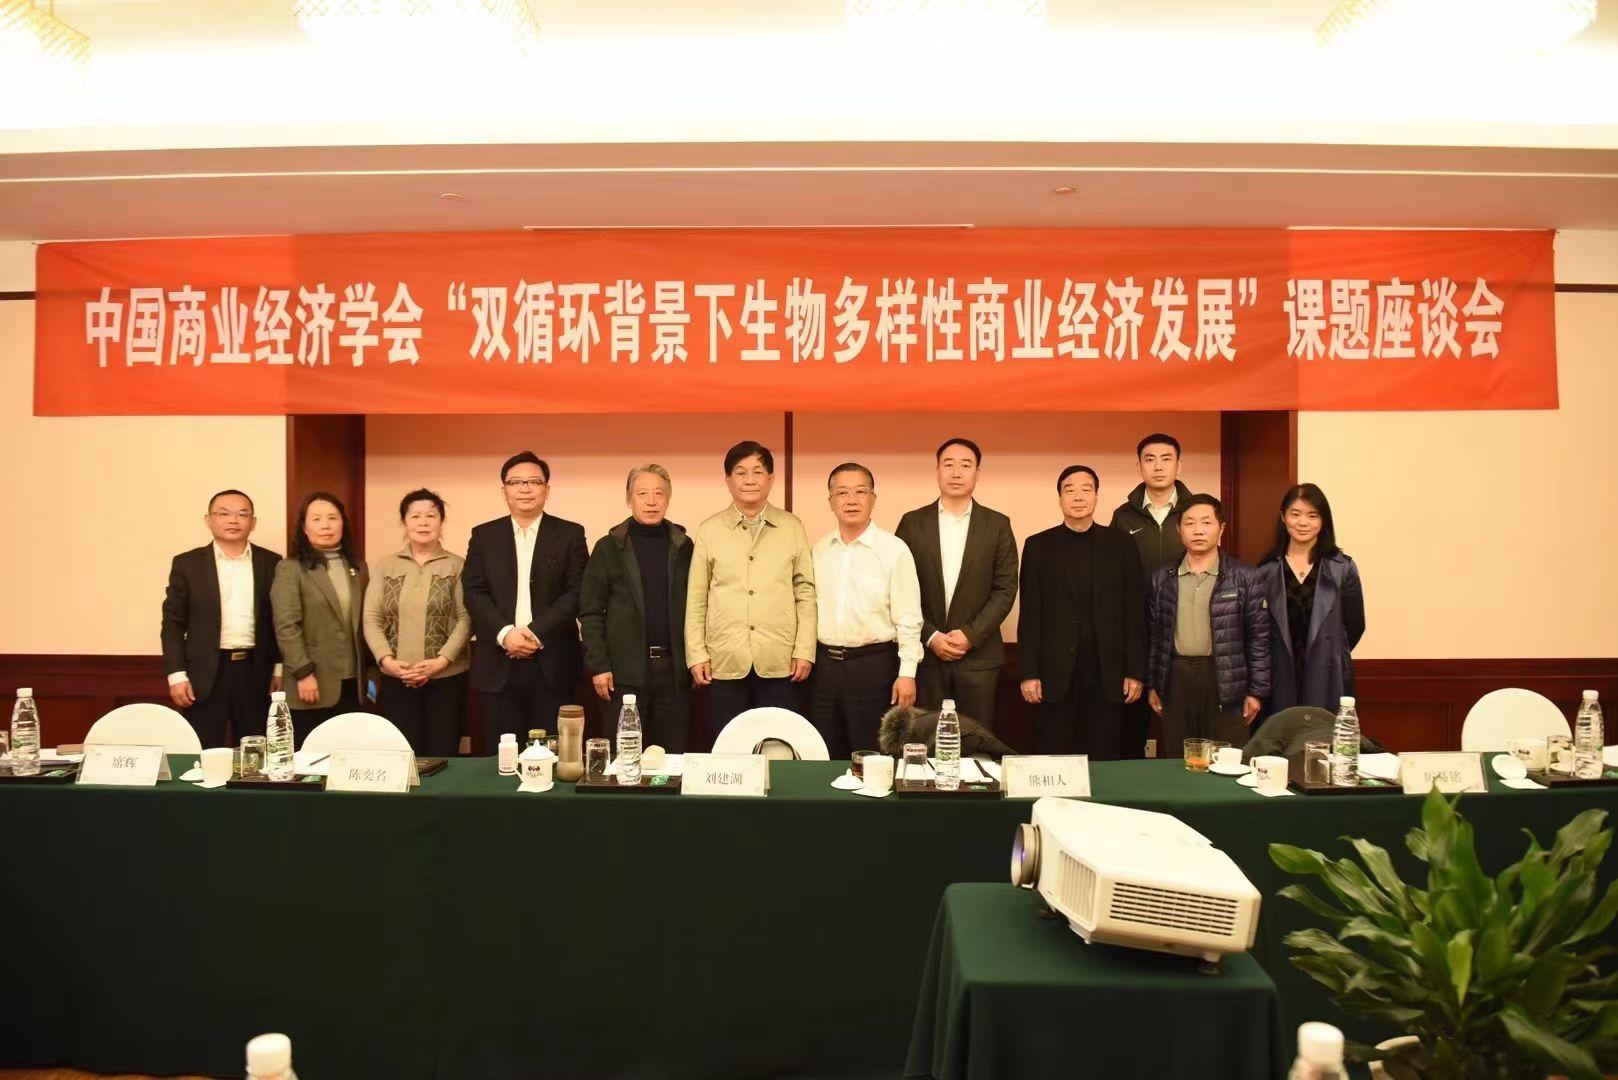 """中国商业经济学会""""双循环背景下生物多样性商业经济发展""""课题座谈会在昆明举行"""